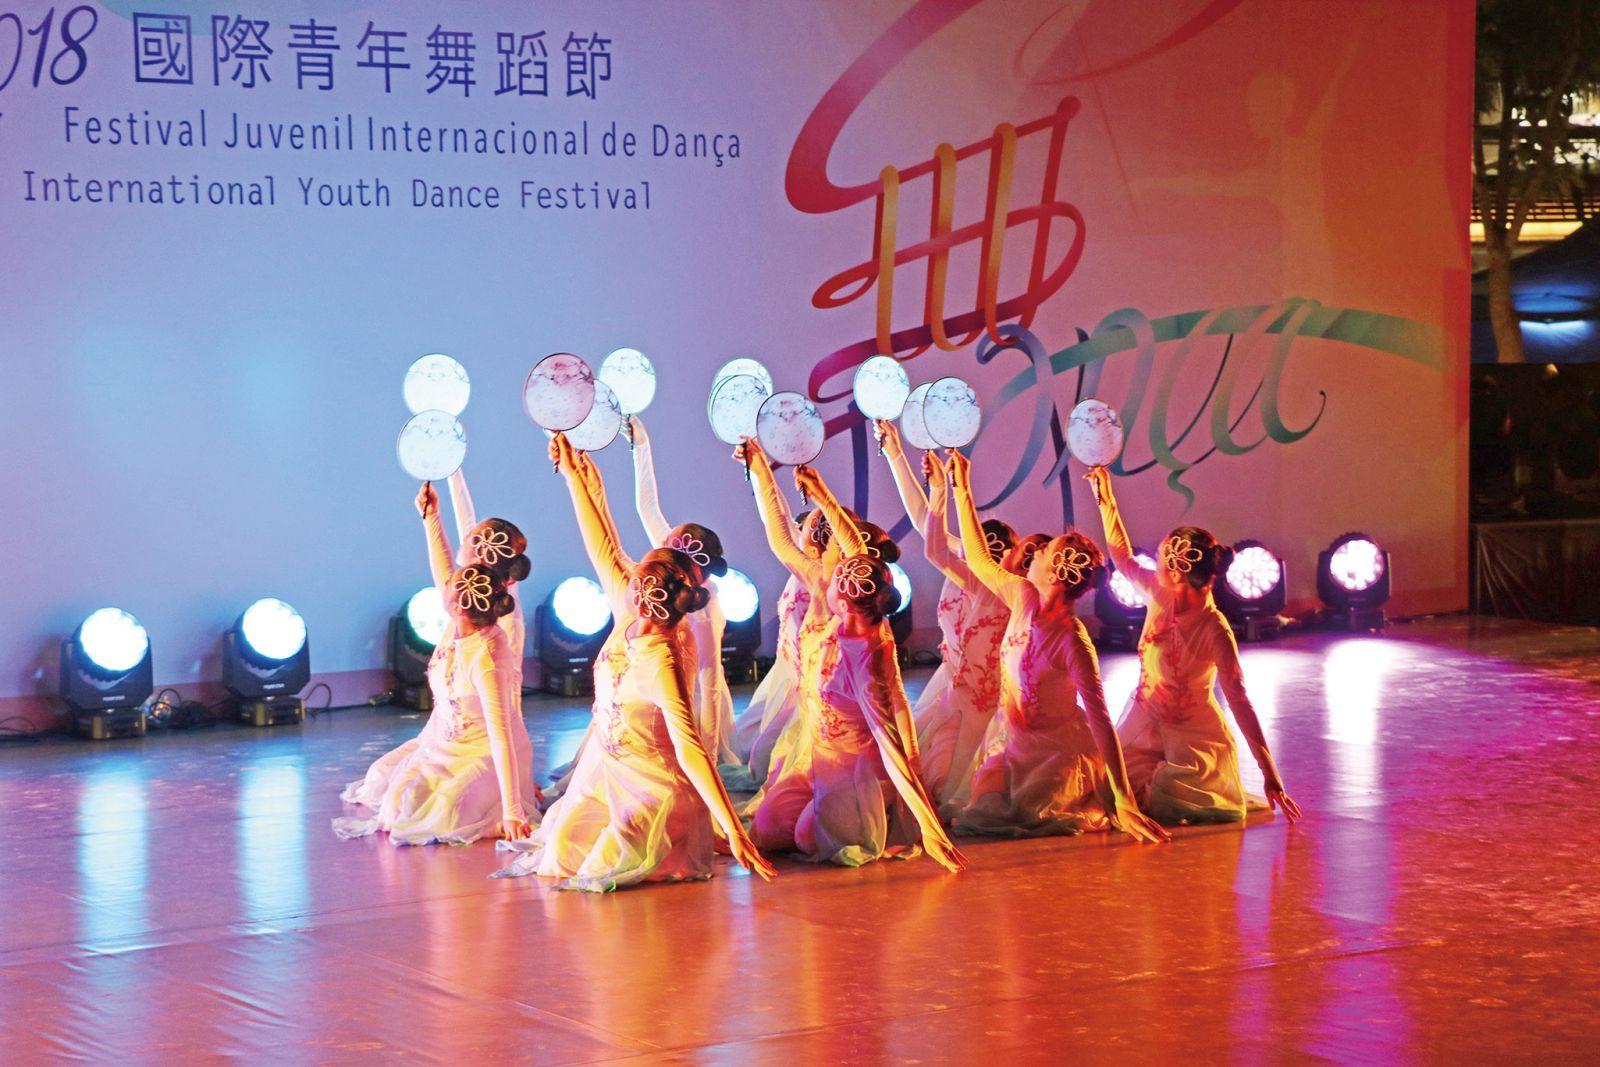 萬千舞姿 舞出東西方藝文精粹